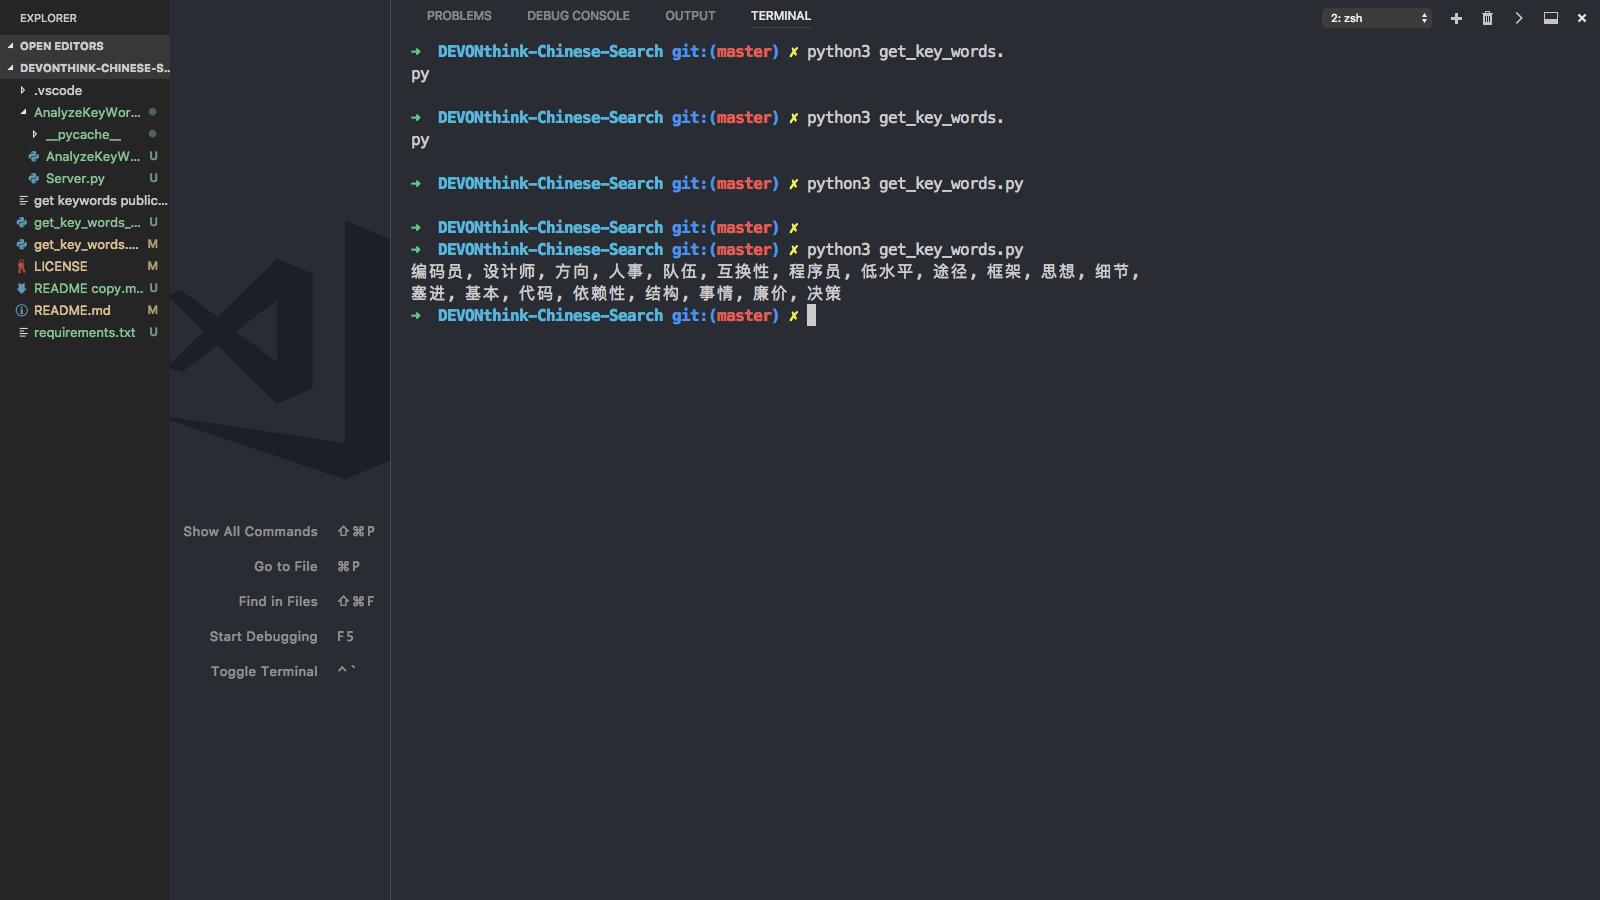 API 服务器在 30 日晚上就基本架设起来了